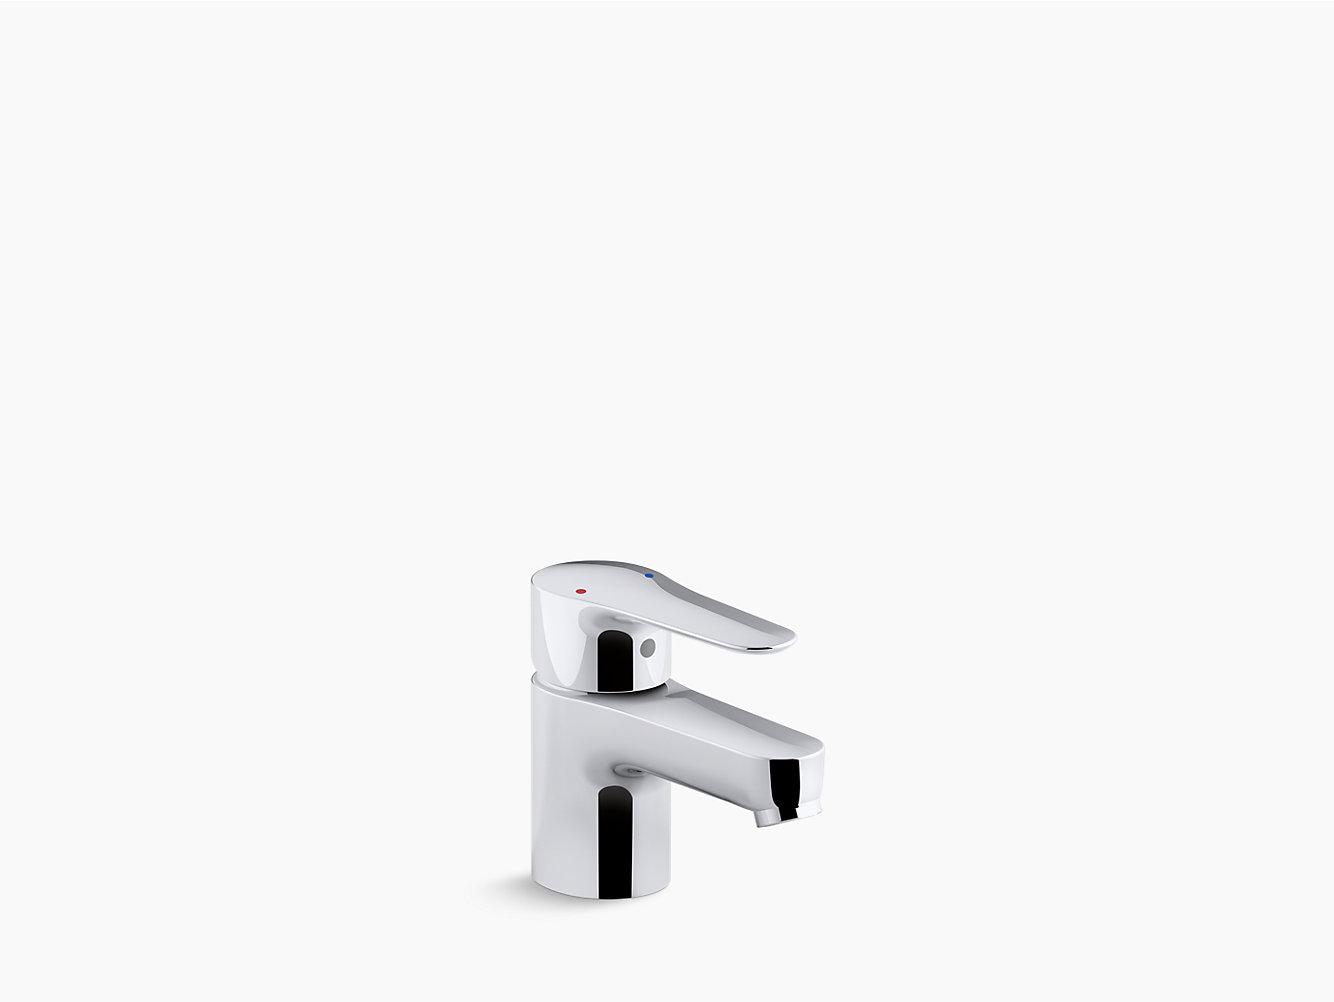 faucets faucet bathroom handle cp k amazon polished kohler dp single com chrome devonshire sink